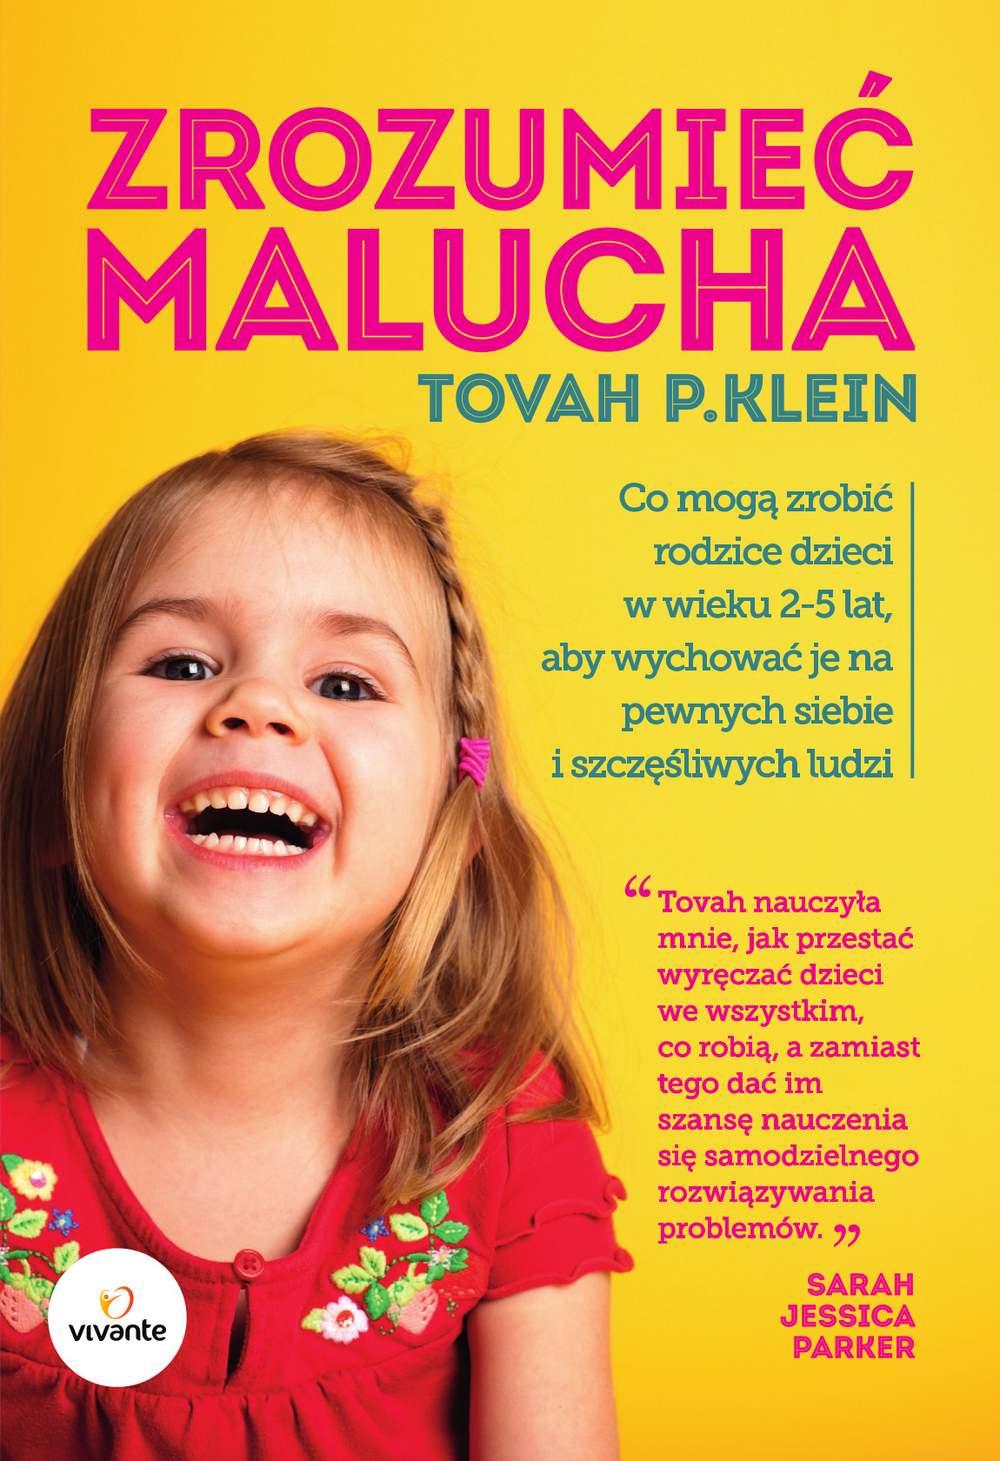 Zrozumieć malucha. Co mogą zrobić rodzice dla dzieci w wieku 2-5 lat, aby wychować je na pewnych siebie i szczęśliwych ludzi - Ebook (Książka na Kindle) do pobrania w formacie MOBI